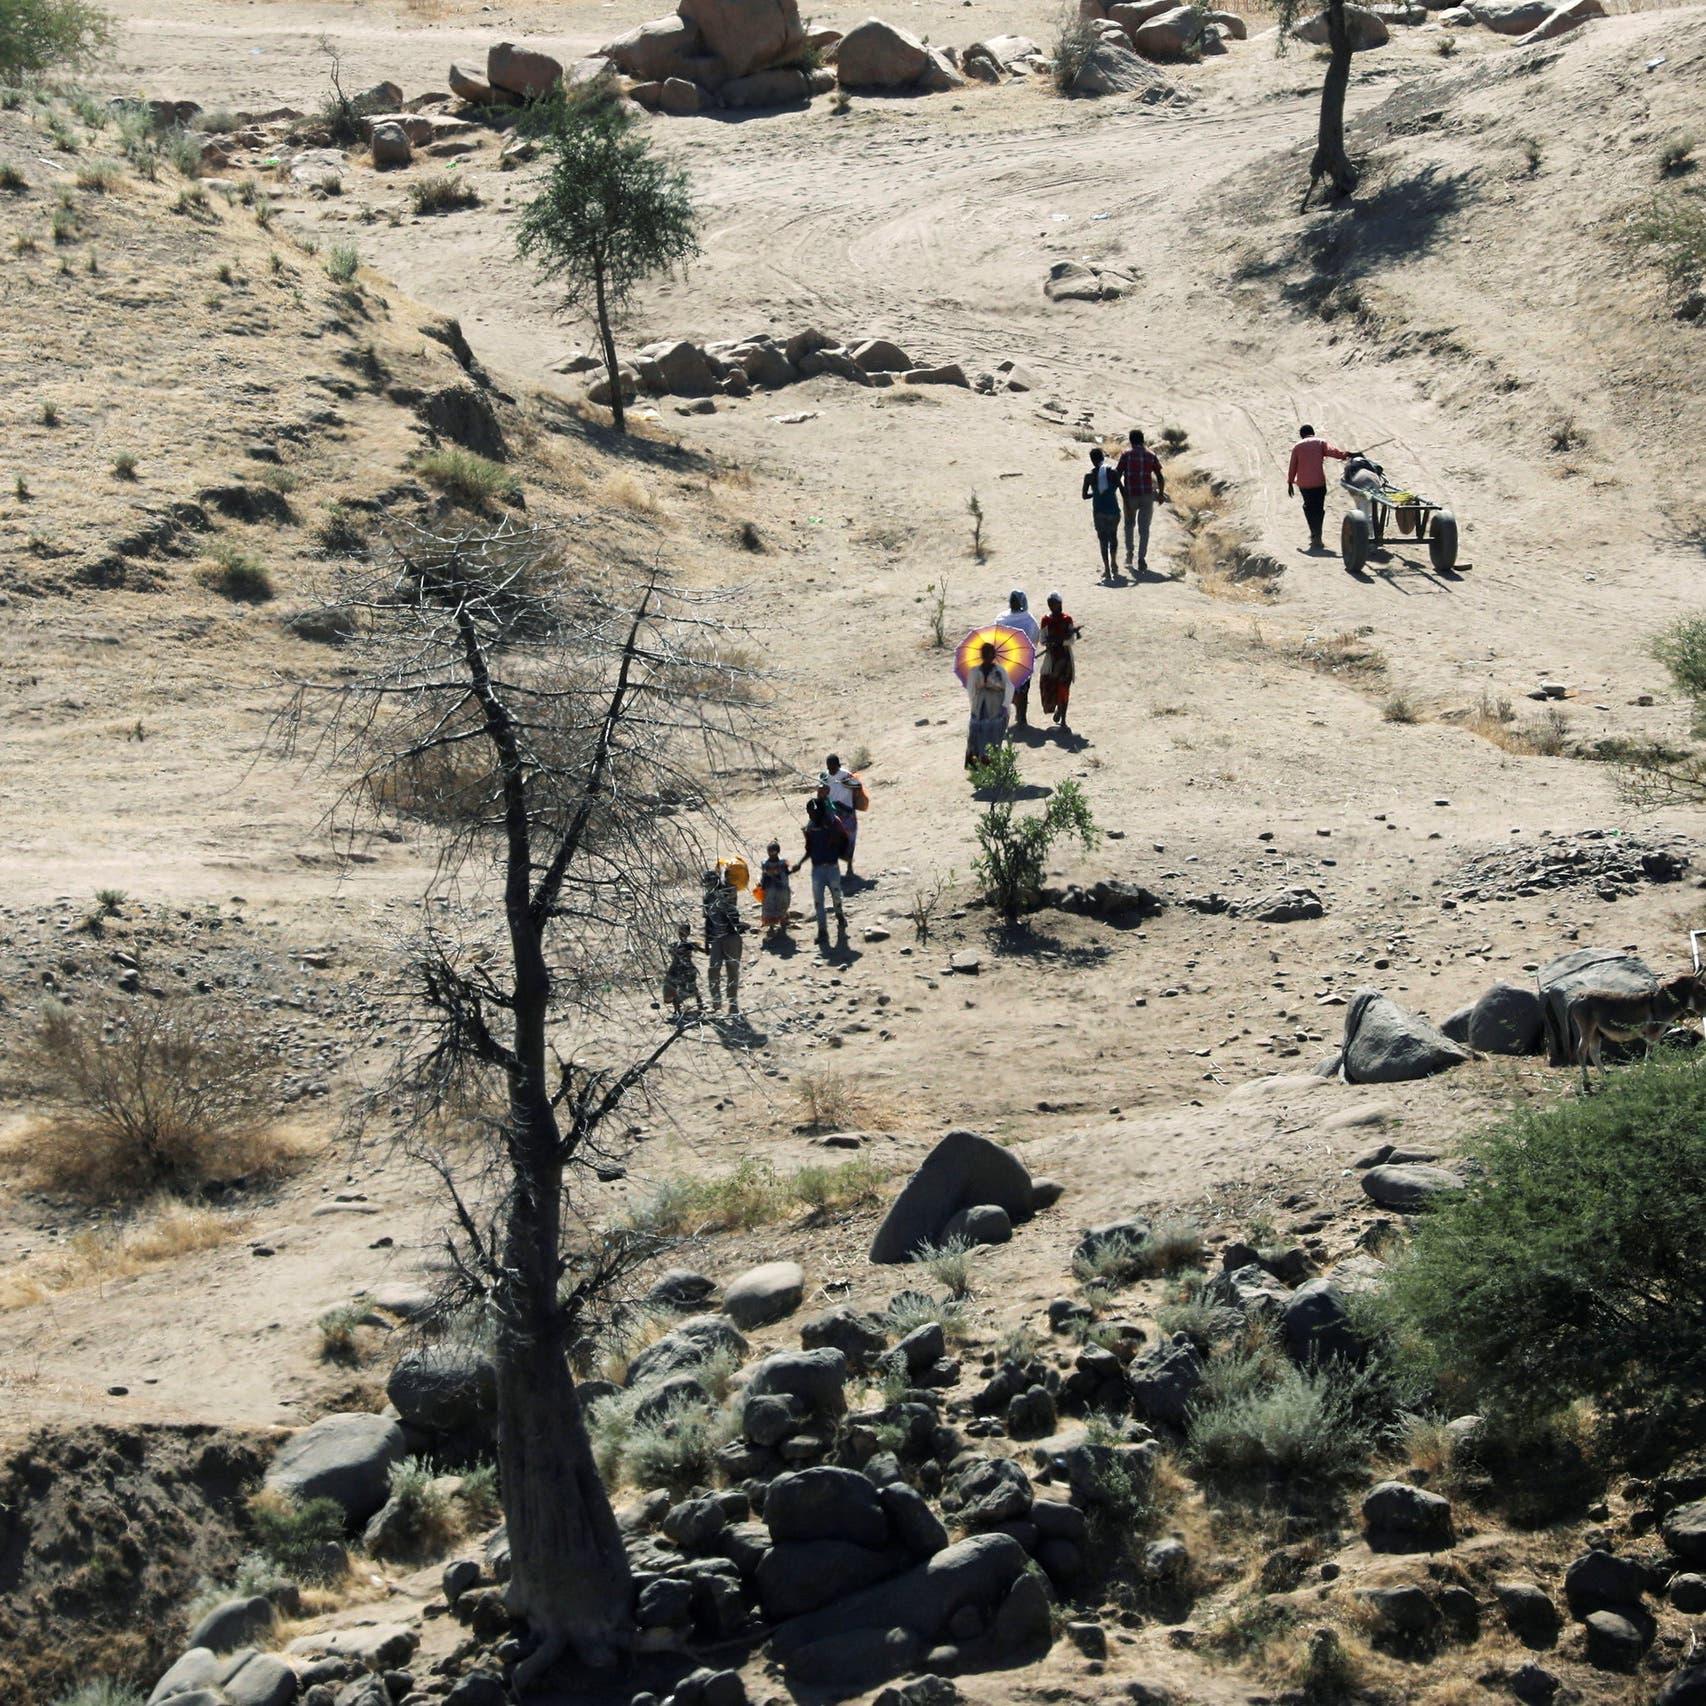 إثيوبيا: مستعدون لحل النزاع الحدودي مع السودان دبلوماسياً